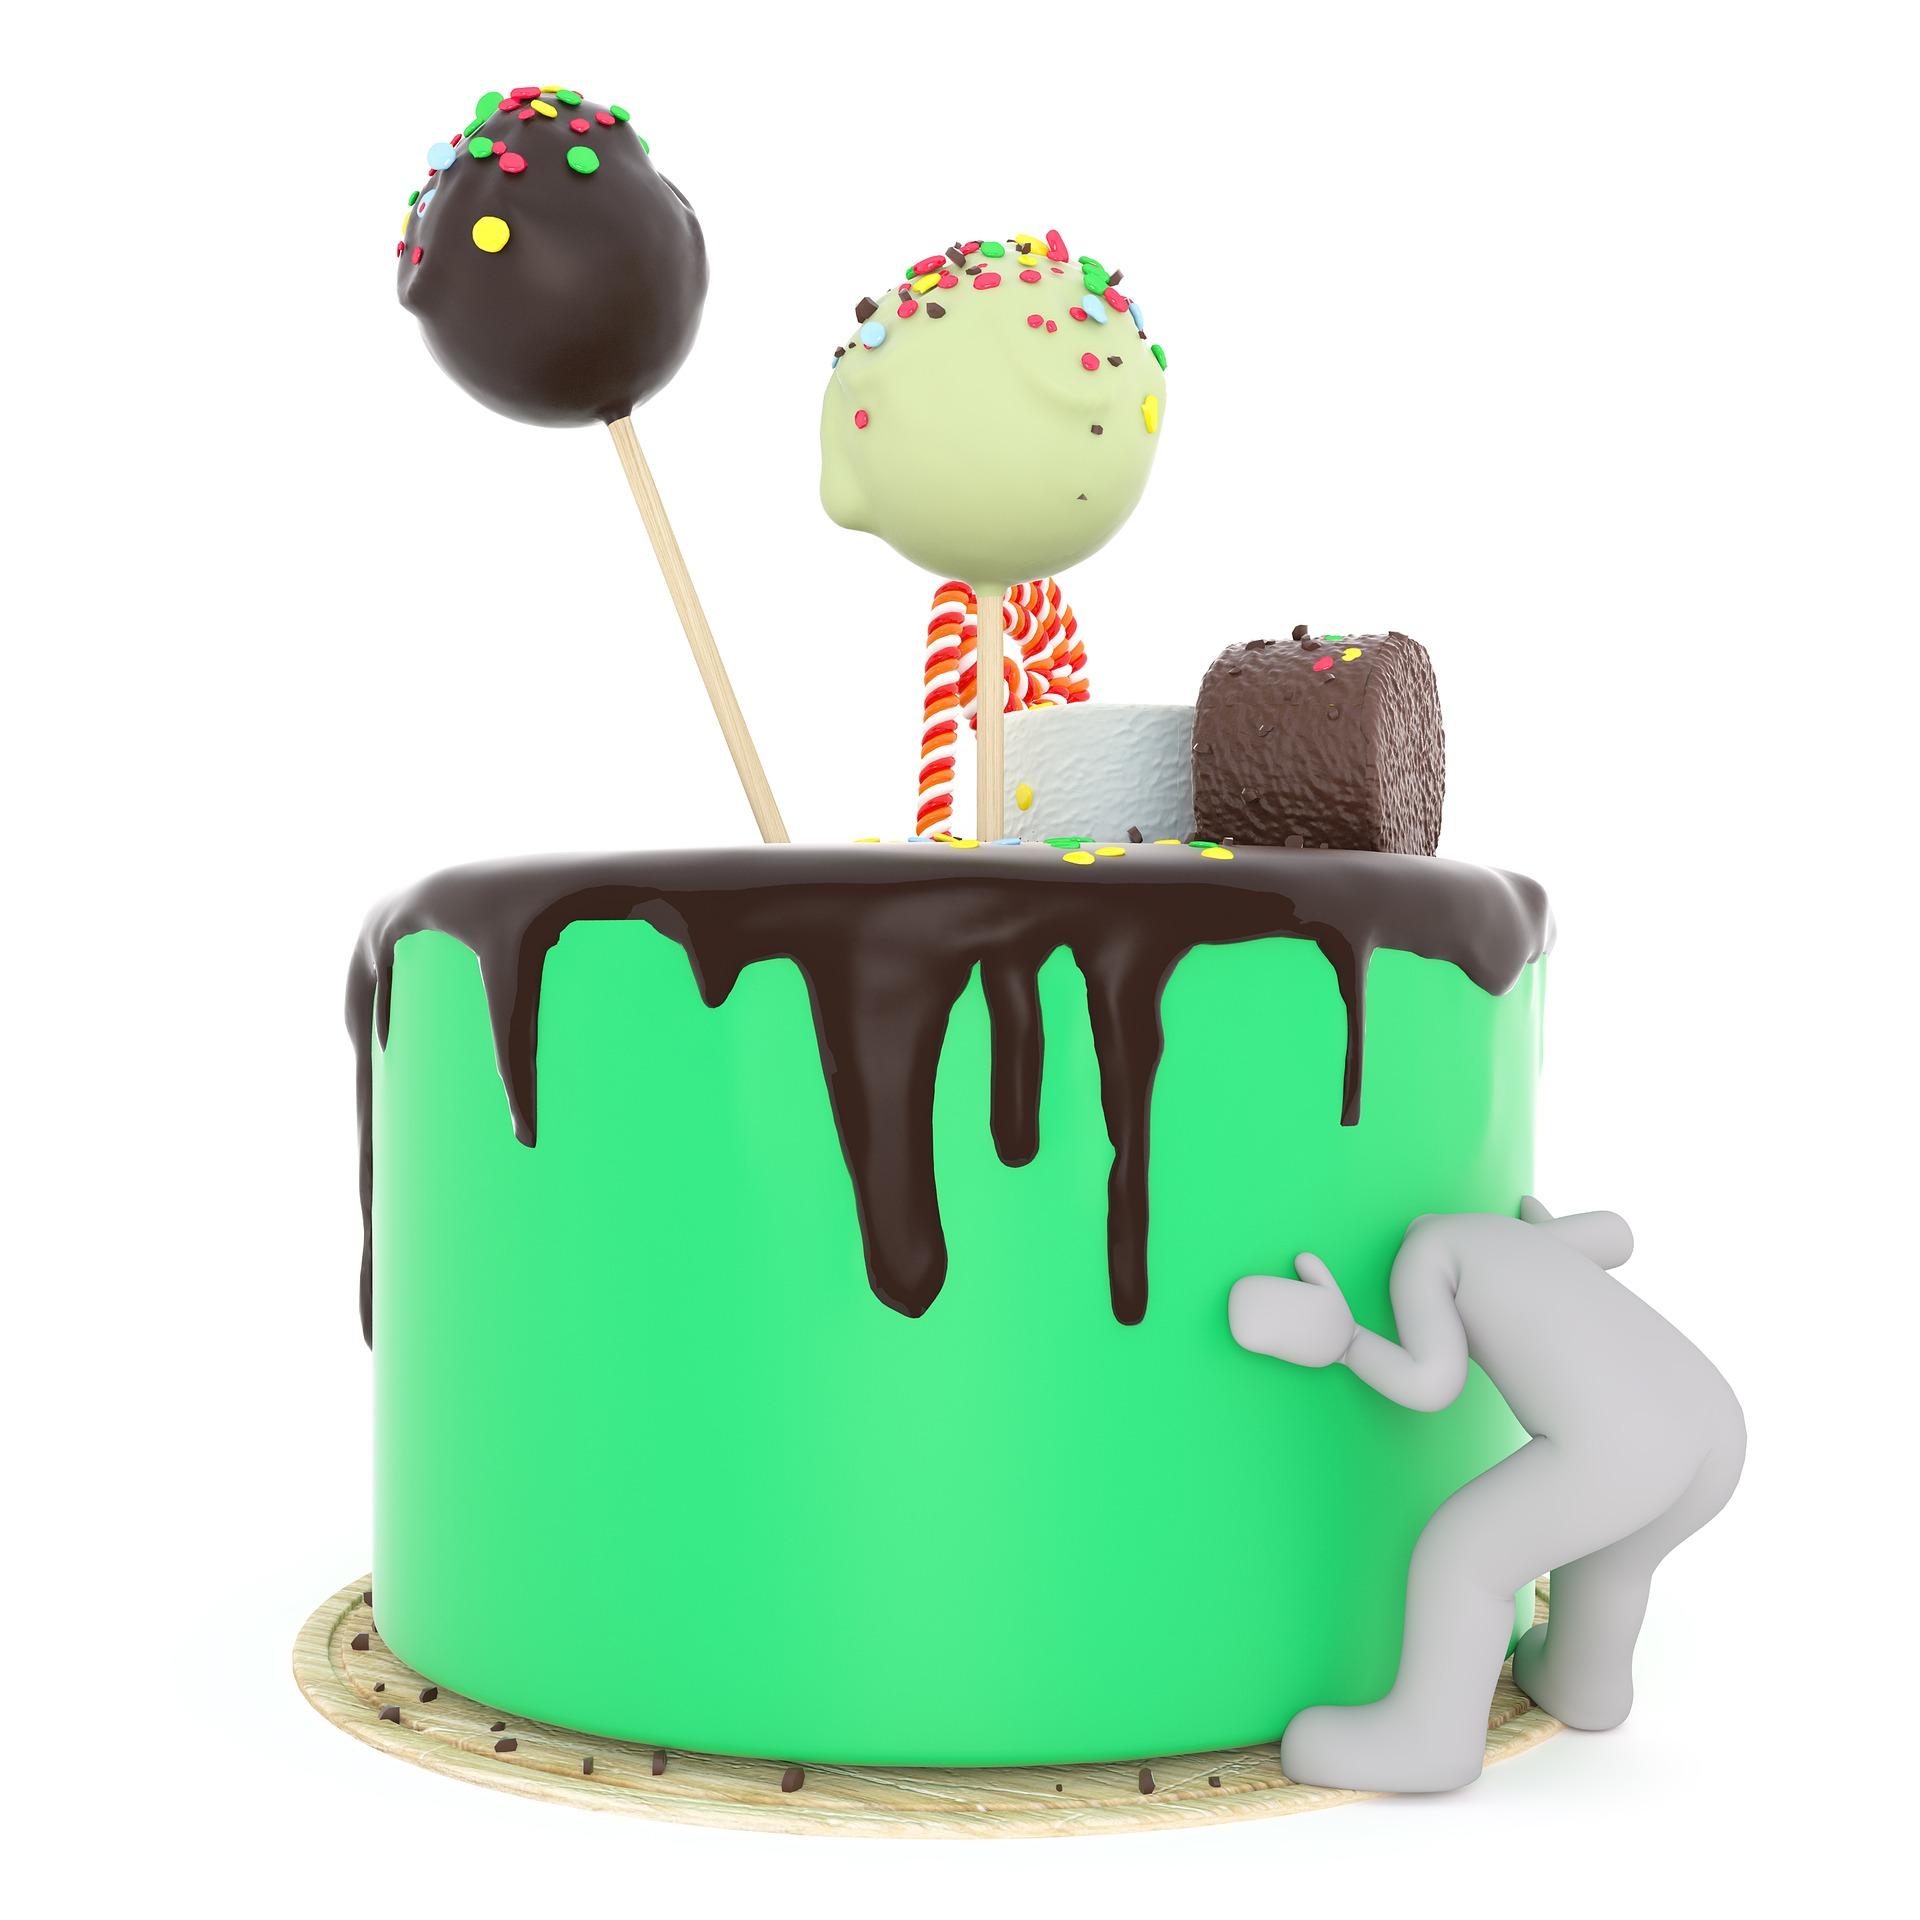 Las tartas rellenas son las más difíciles de cortar